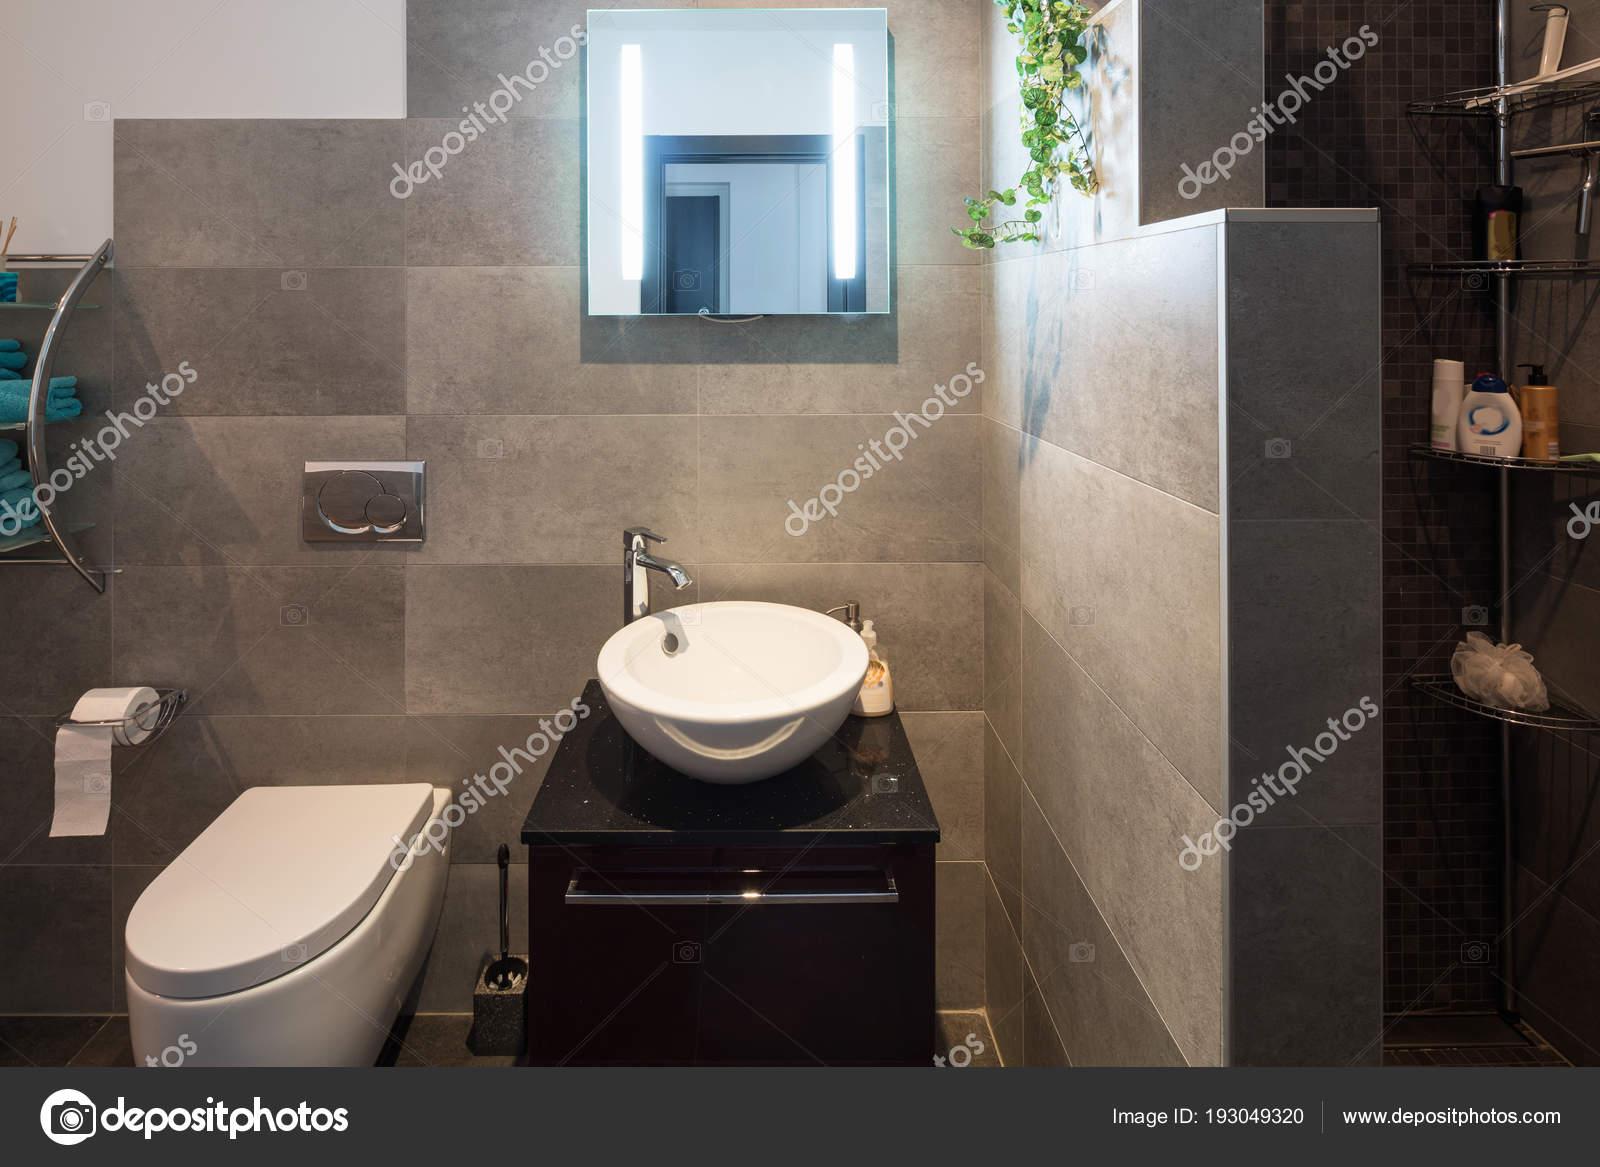 Grote Tegels Badkamer : Moderne badkamer met grote tegels u stockfoto zveiger